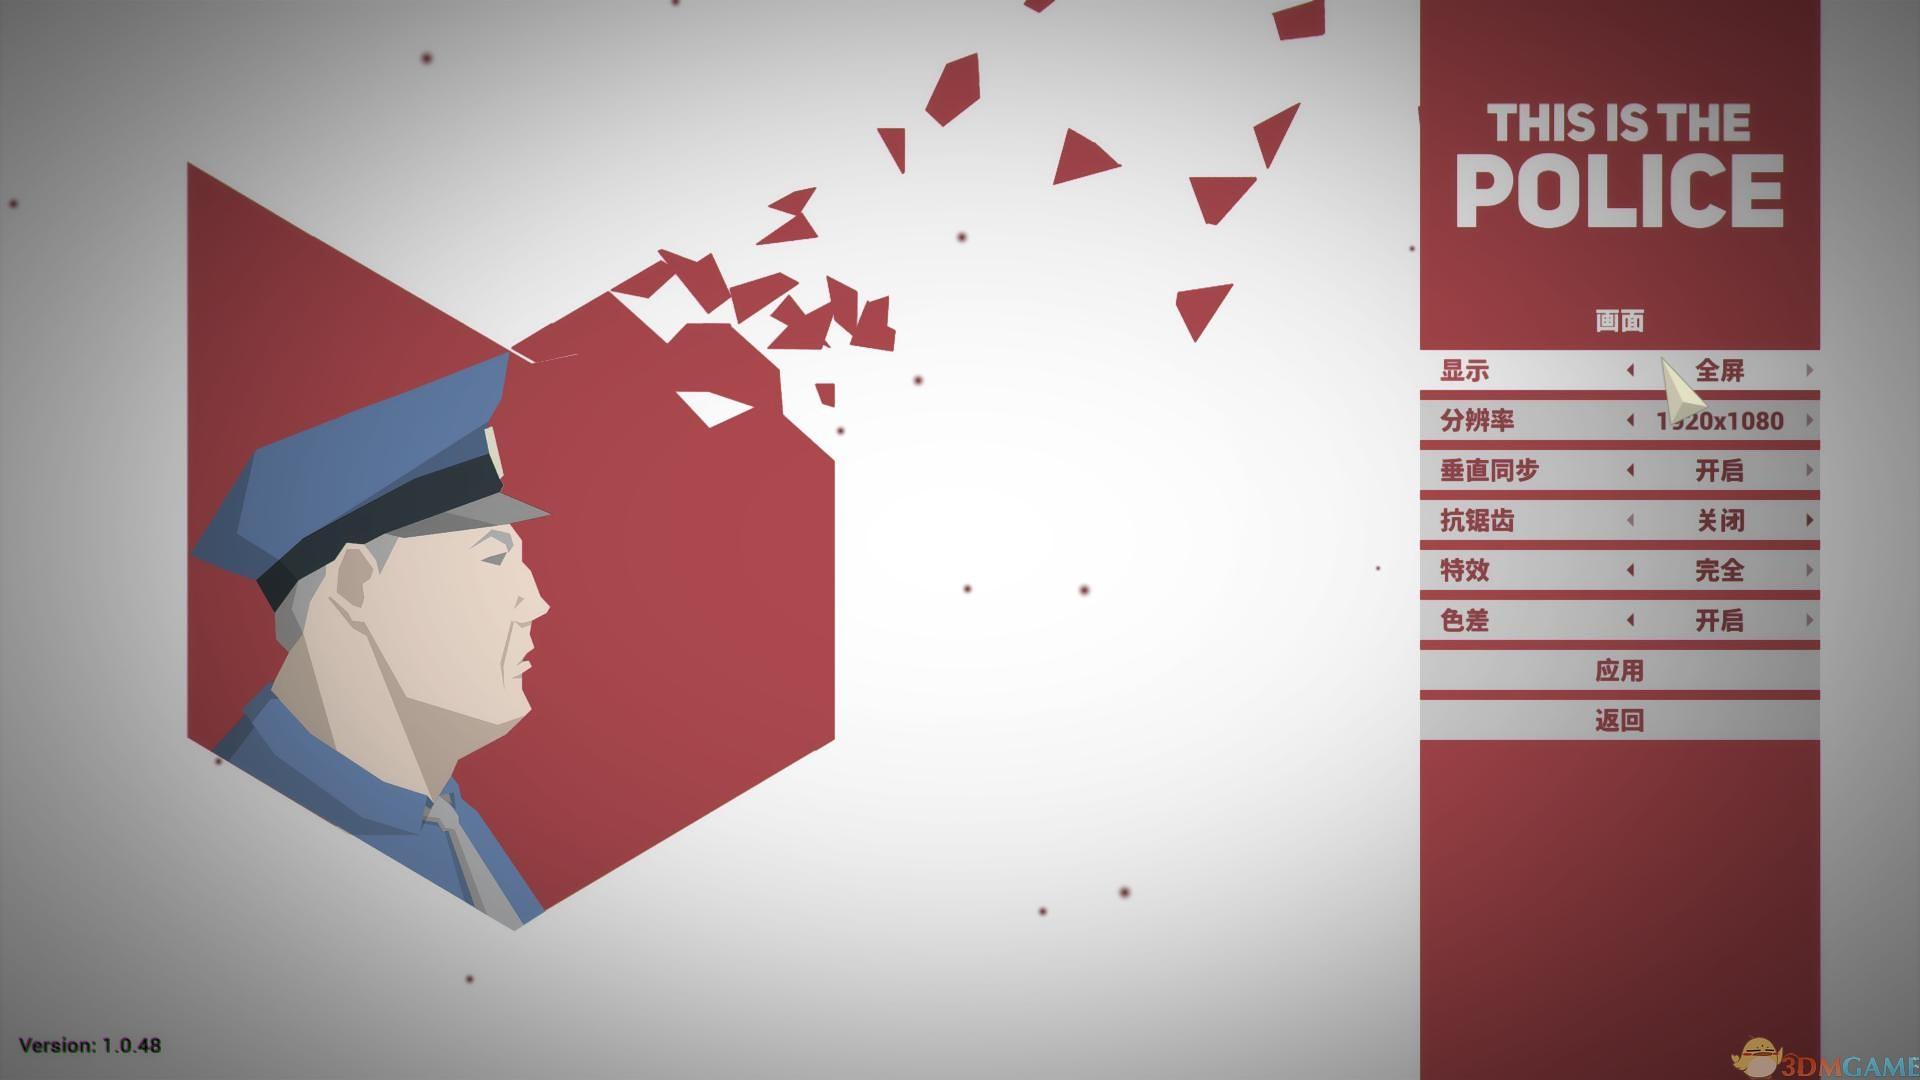 《这是警察》for mac